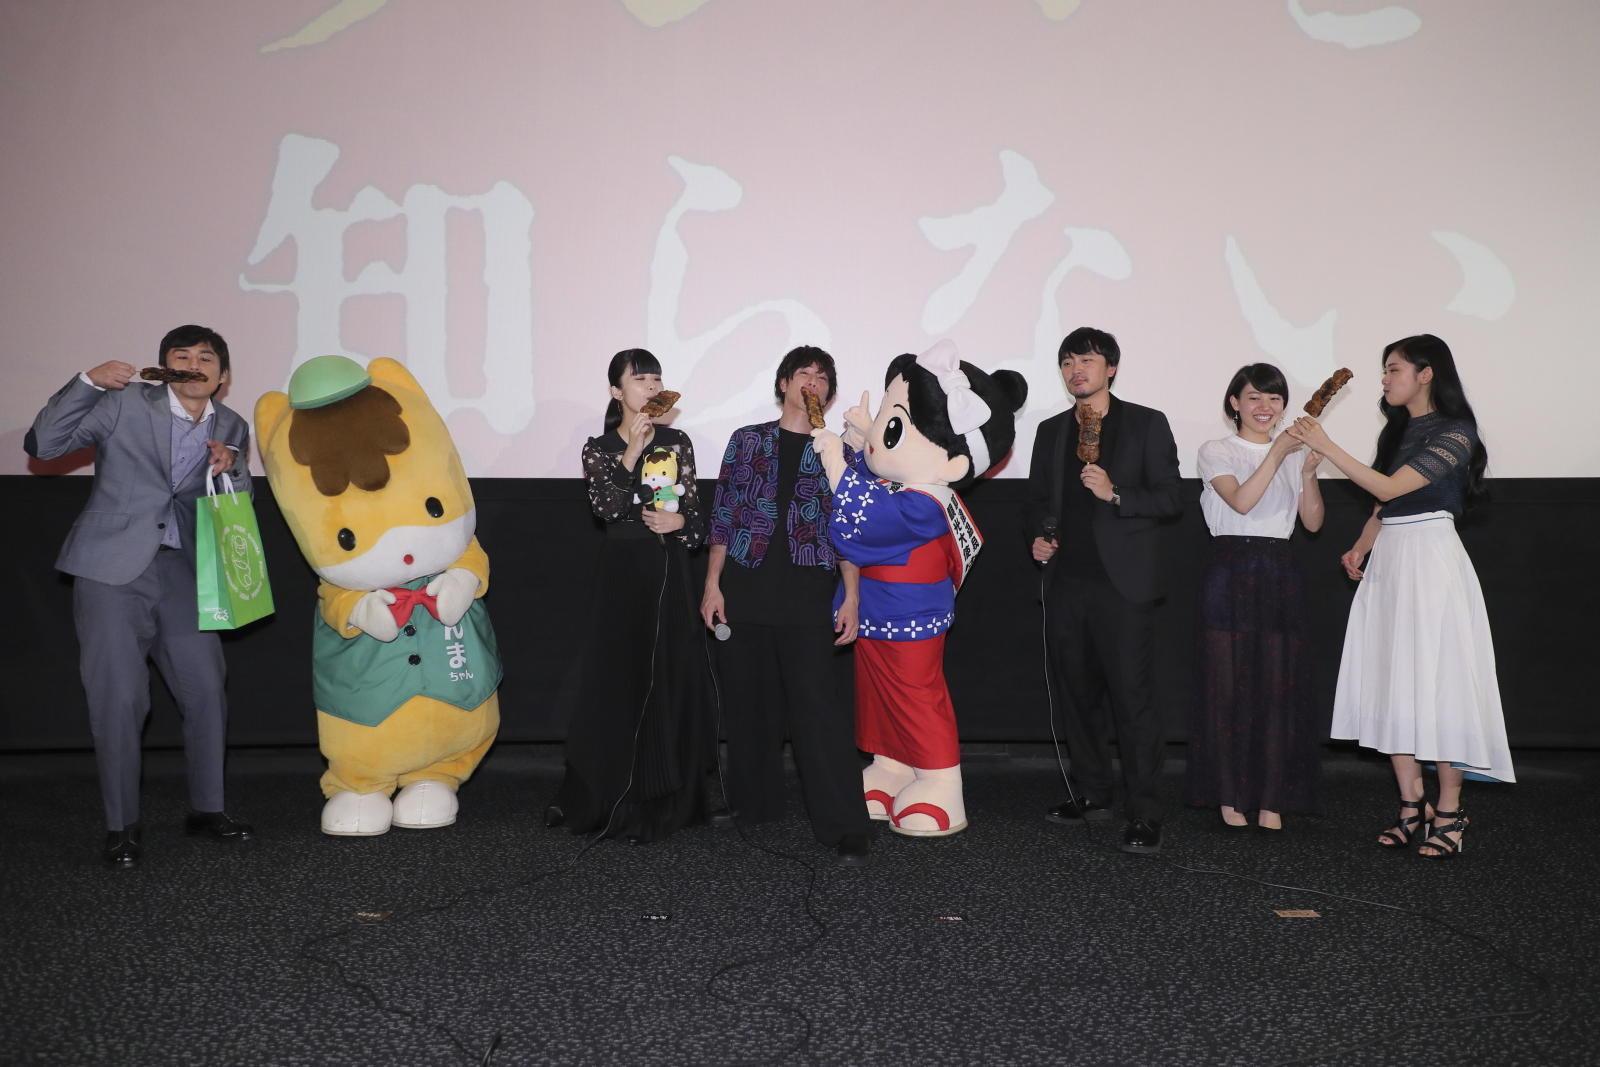 http://news.yoshimoto.co.jp/20170716174158-bea263164734be203d111a475a1cc2e4e24a7124.jpg